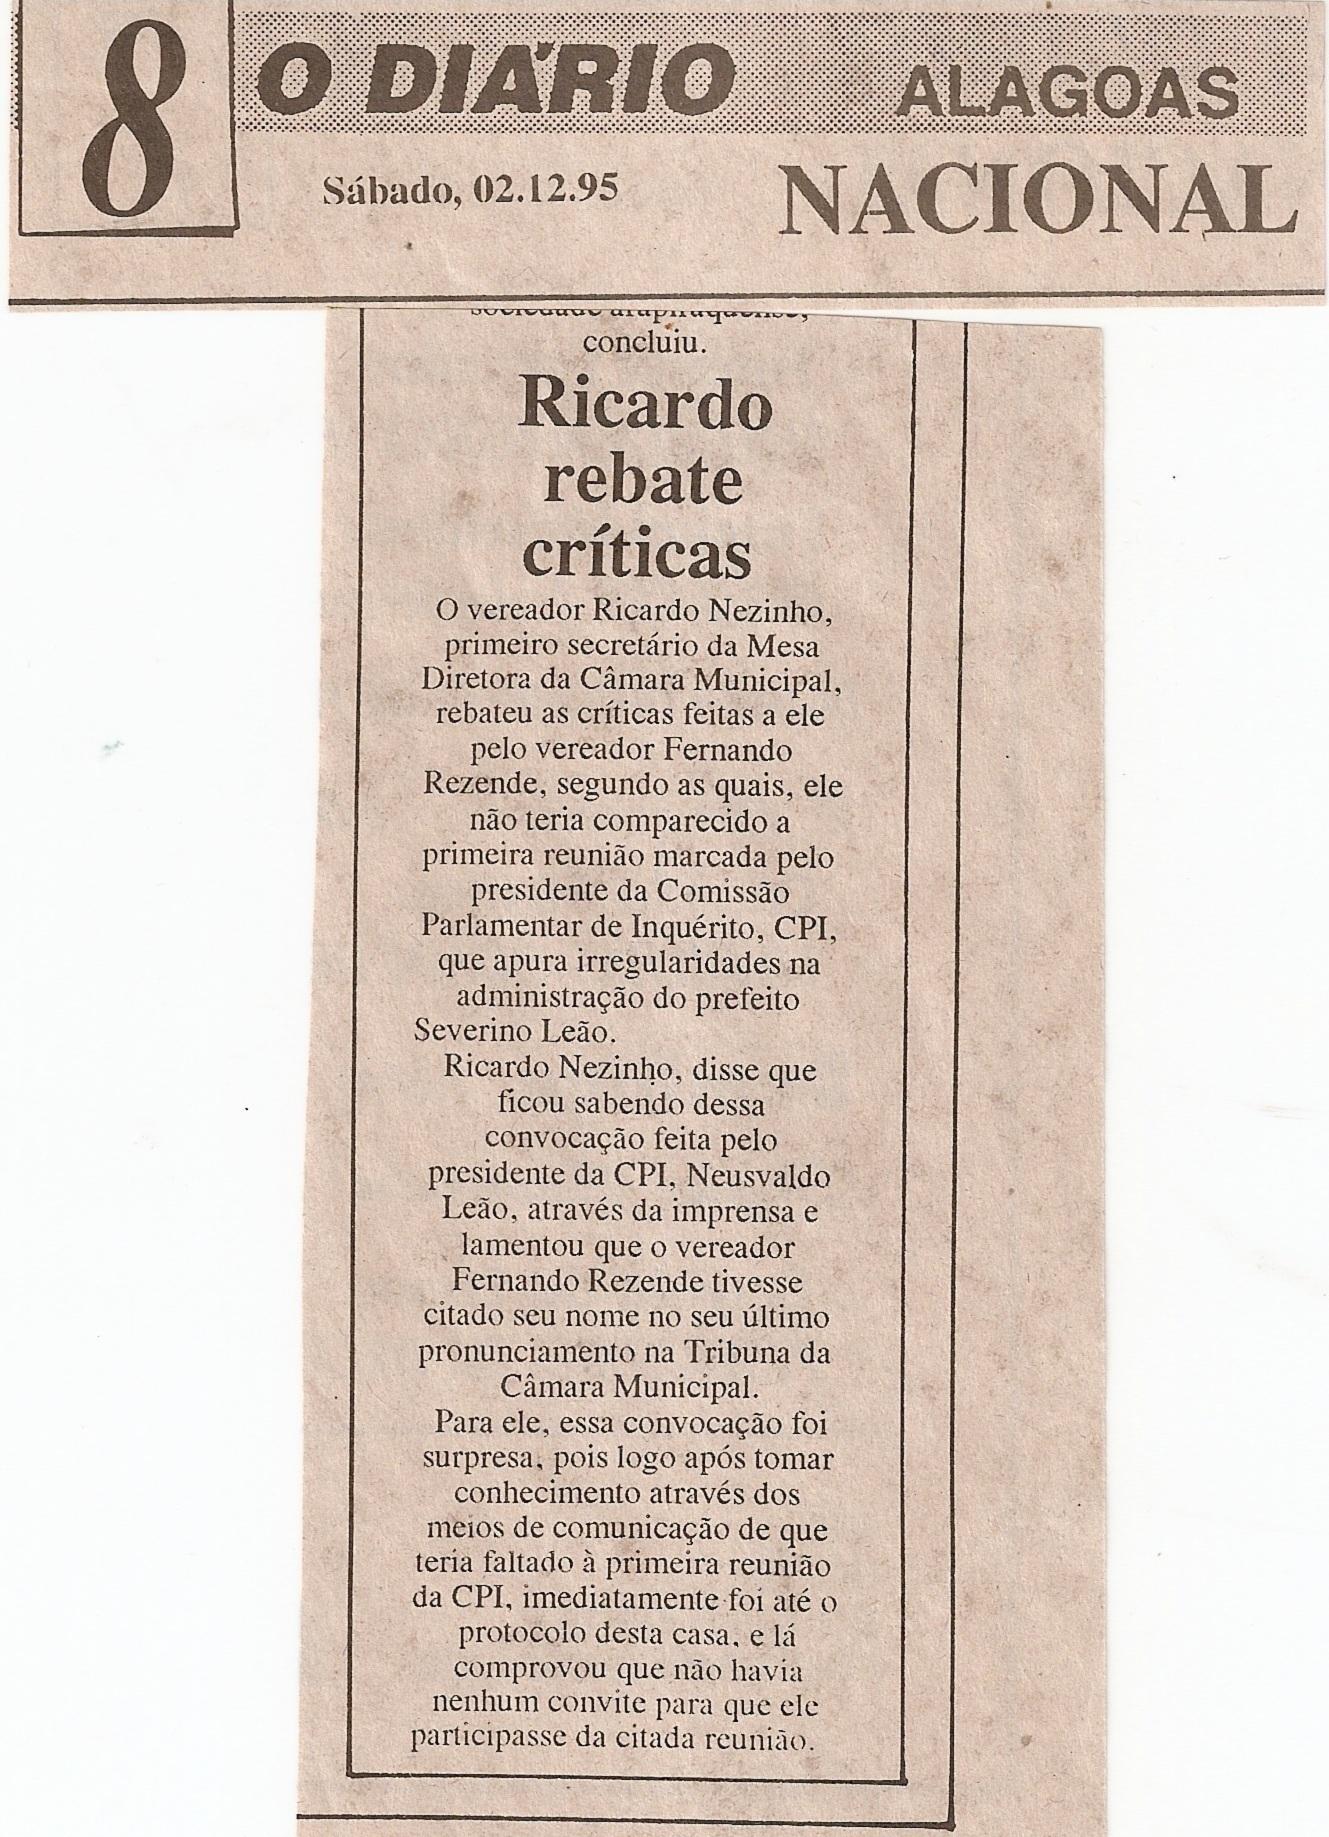 O Diario 02-12-95